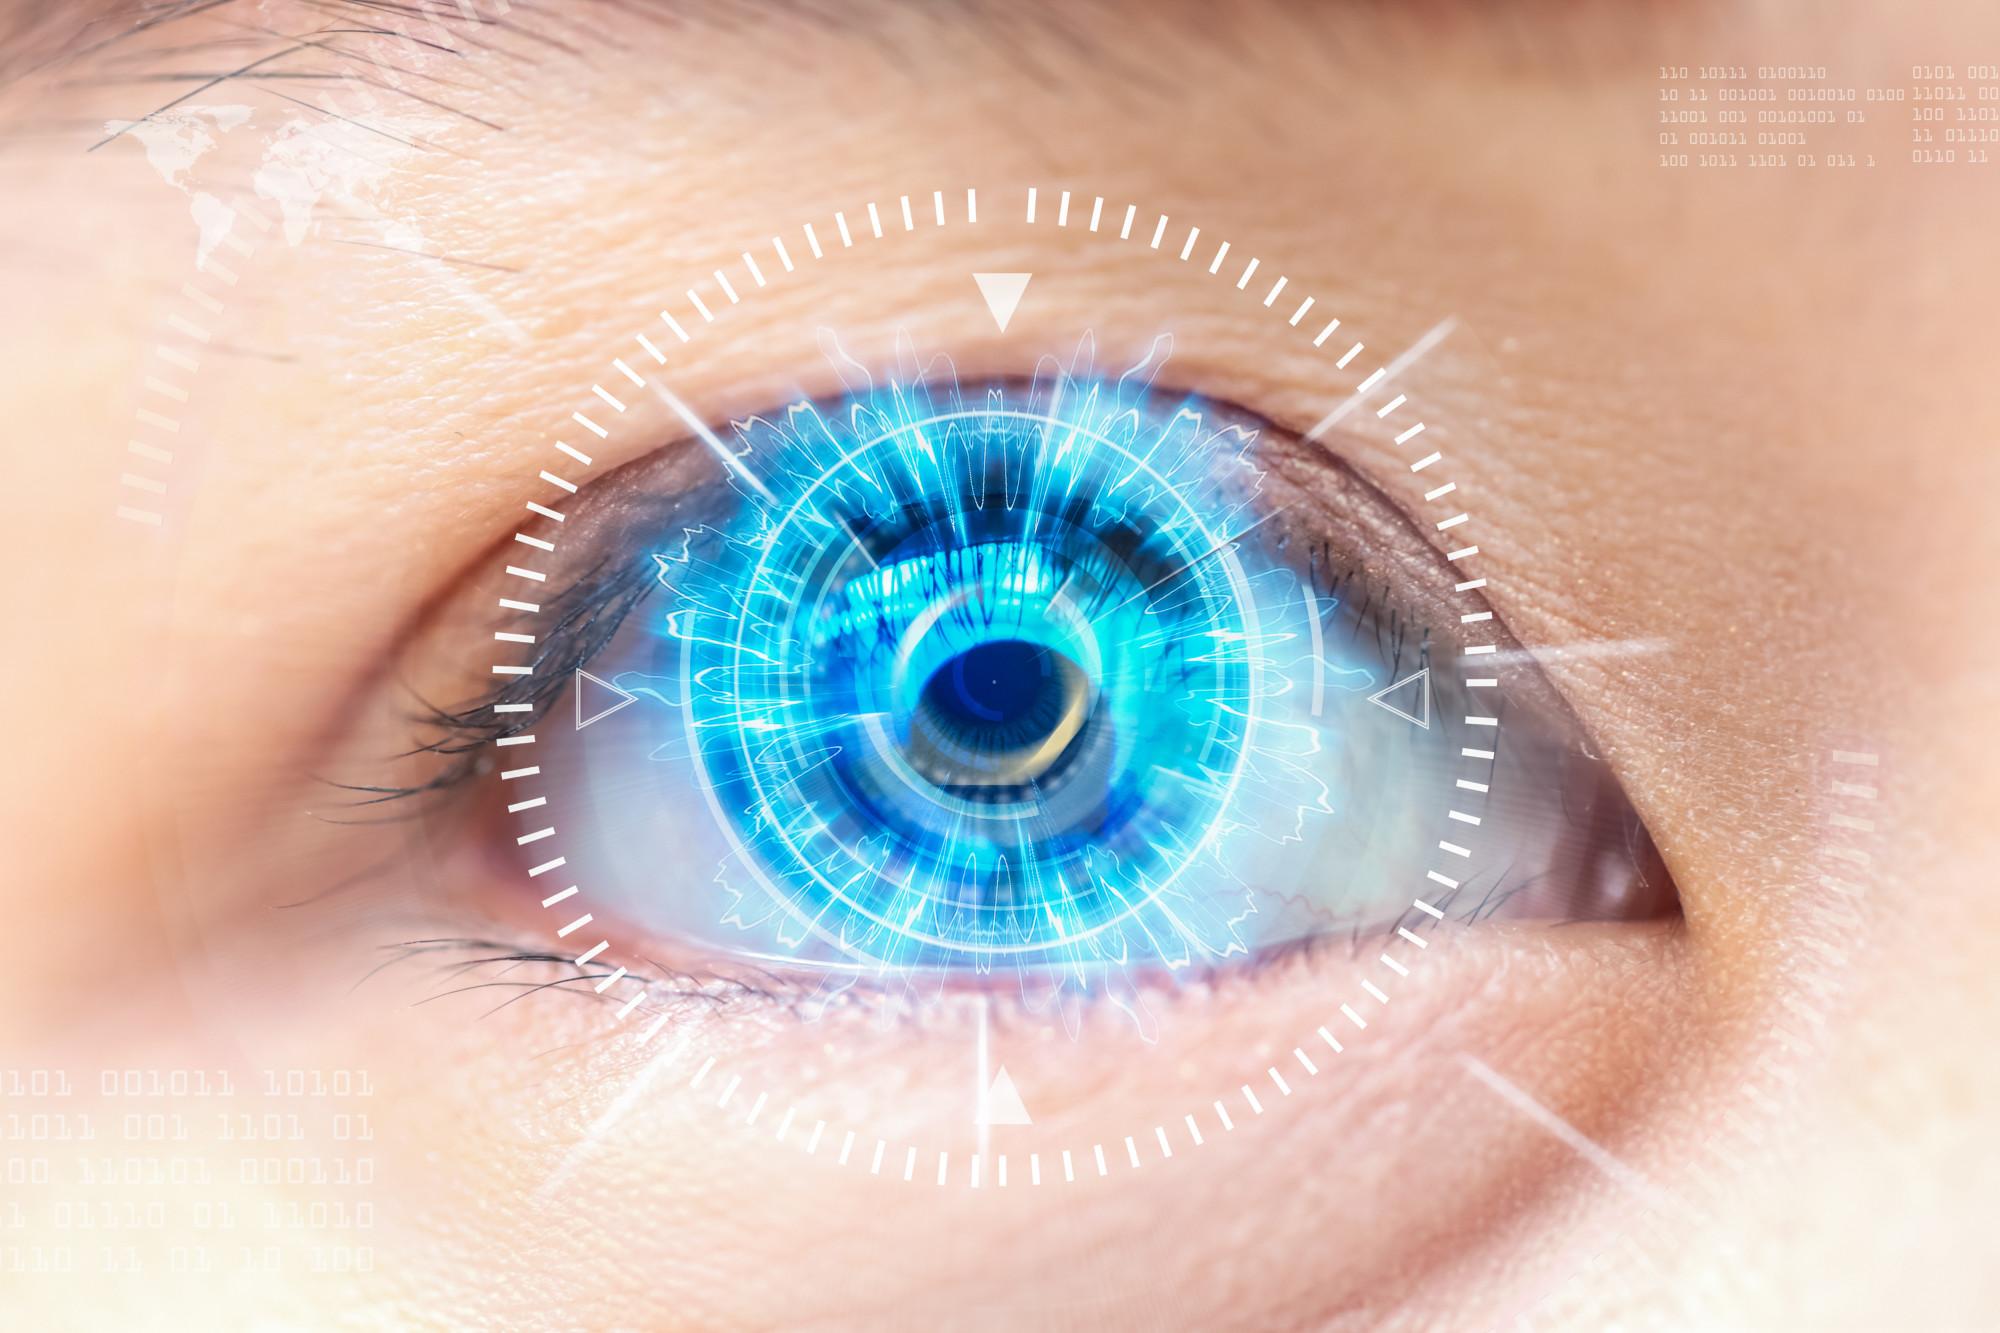 Óvja a látását és kezeltesse magas vérnyomását